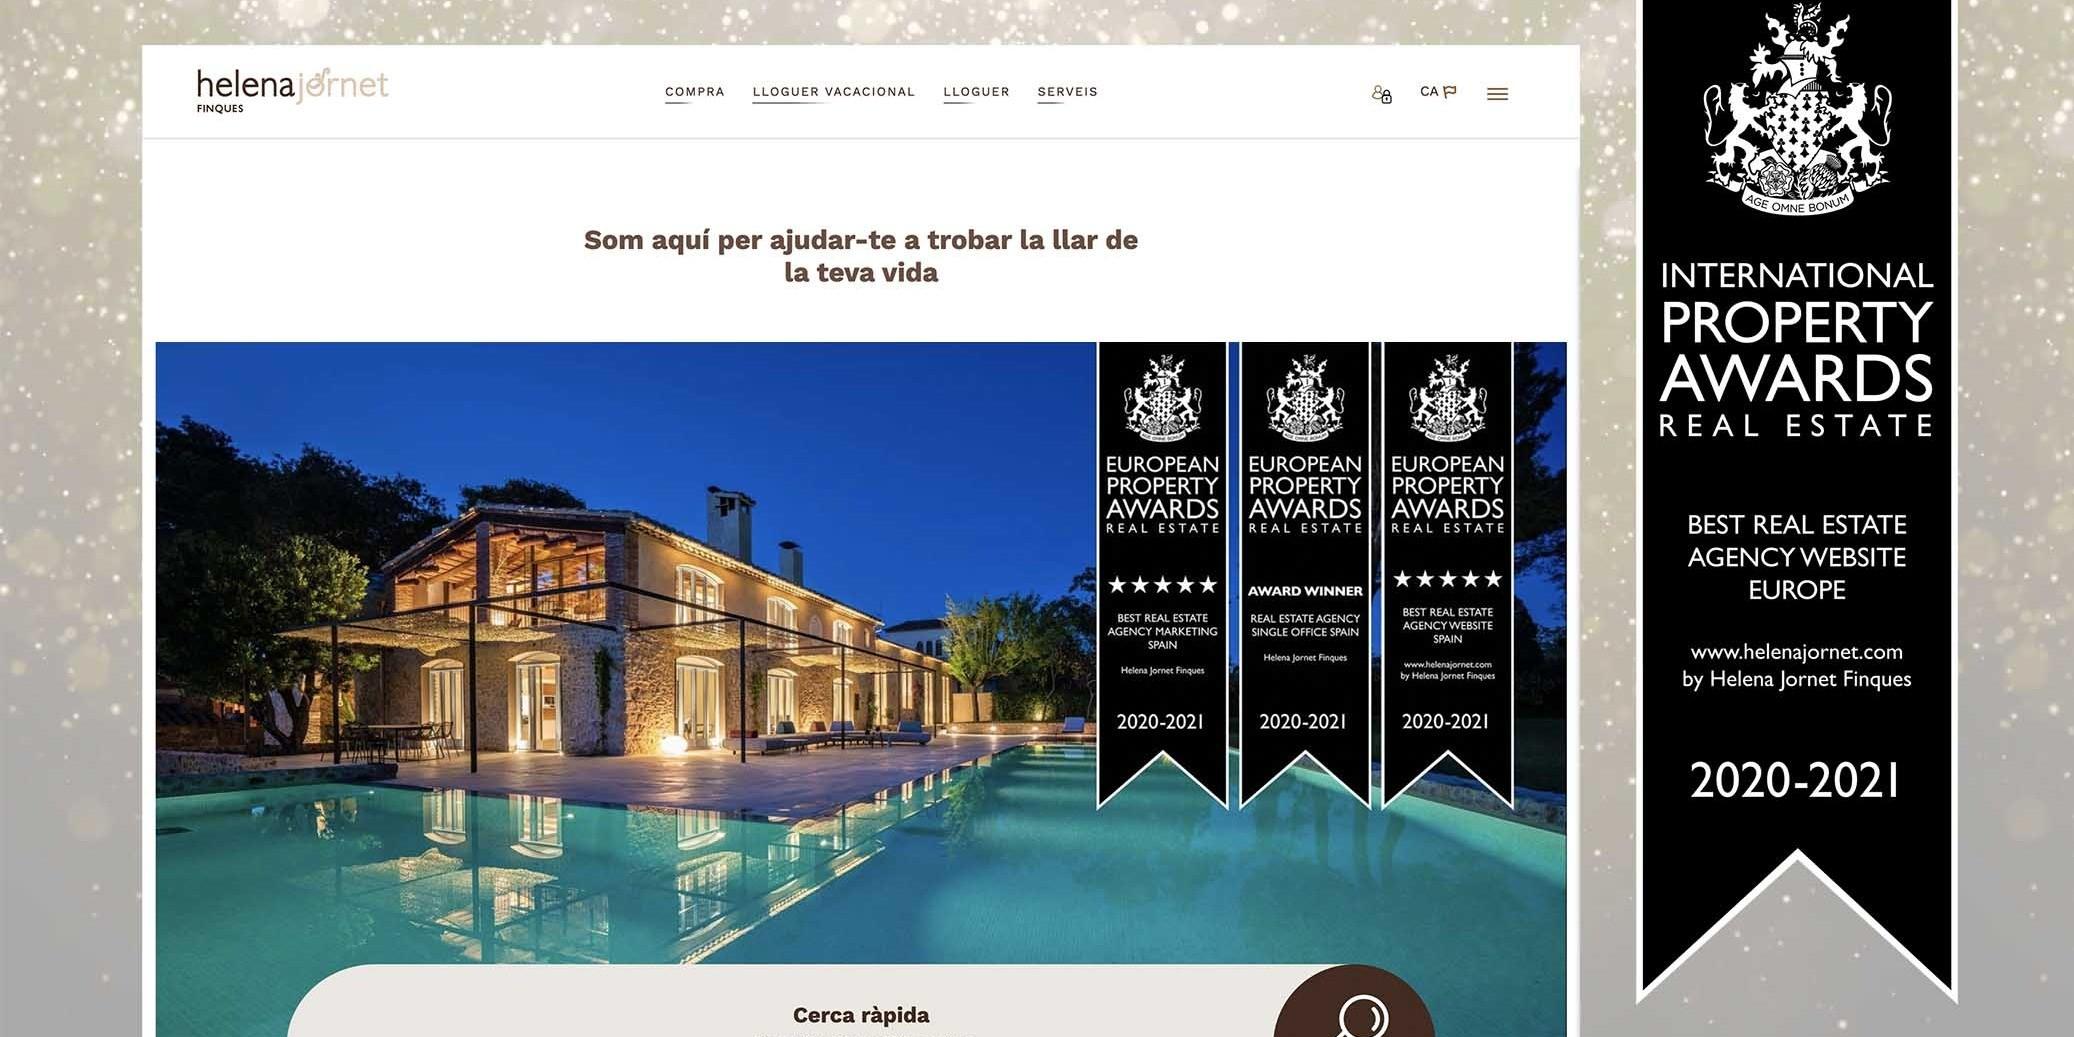 helenajornet.com, el millor web d'agència immobiliària d'Europa